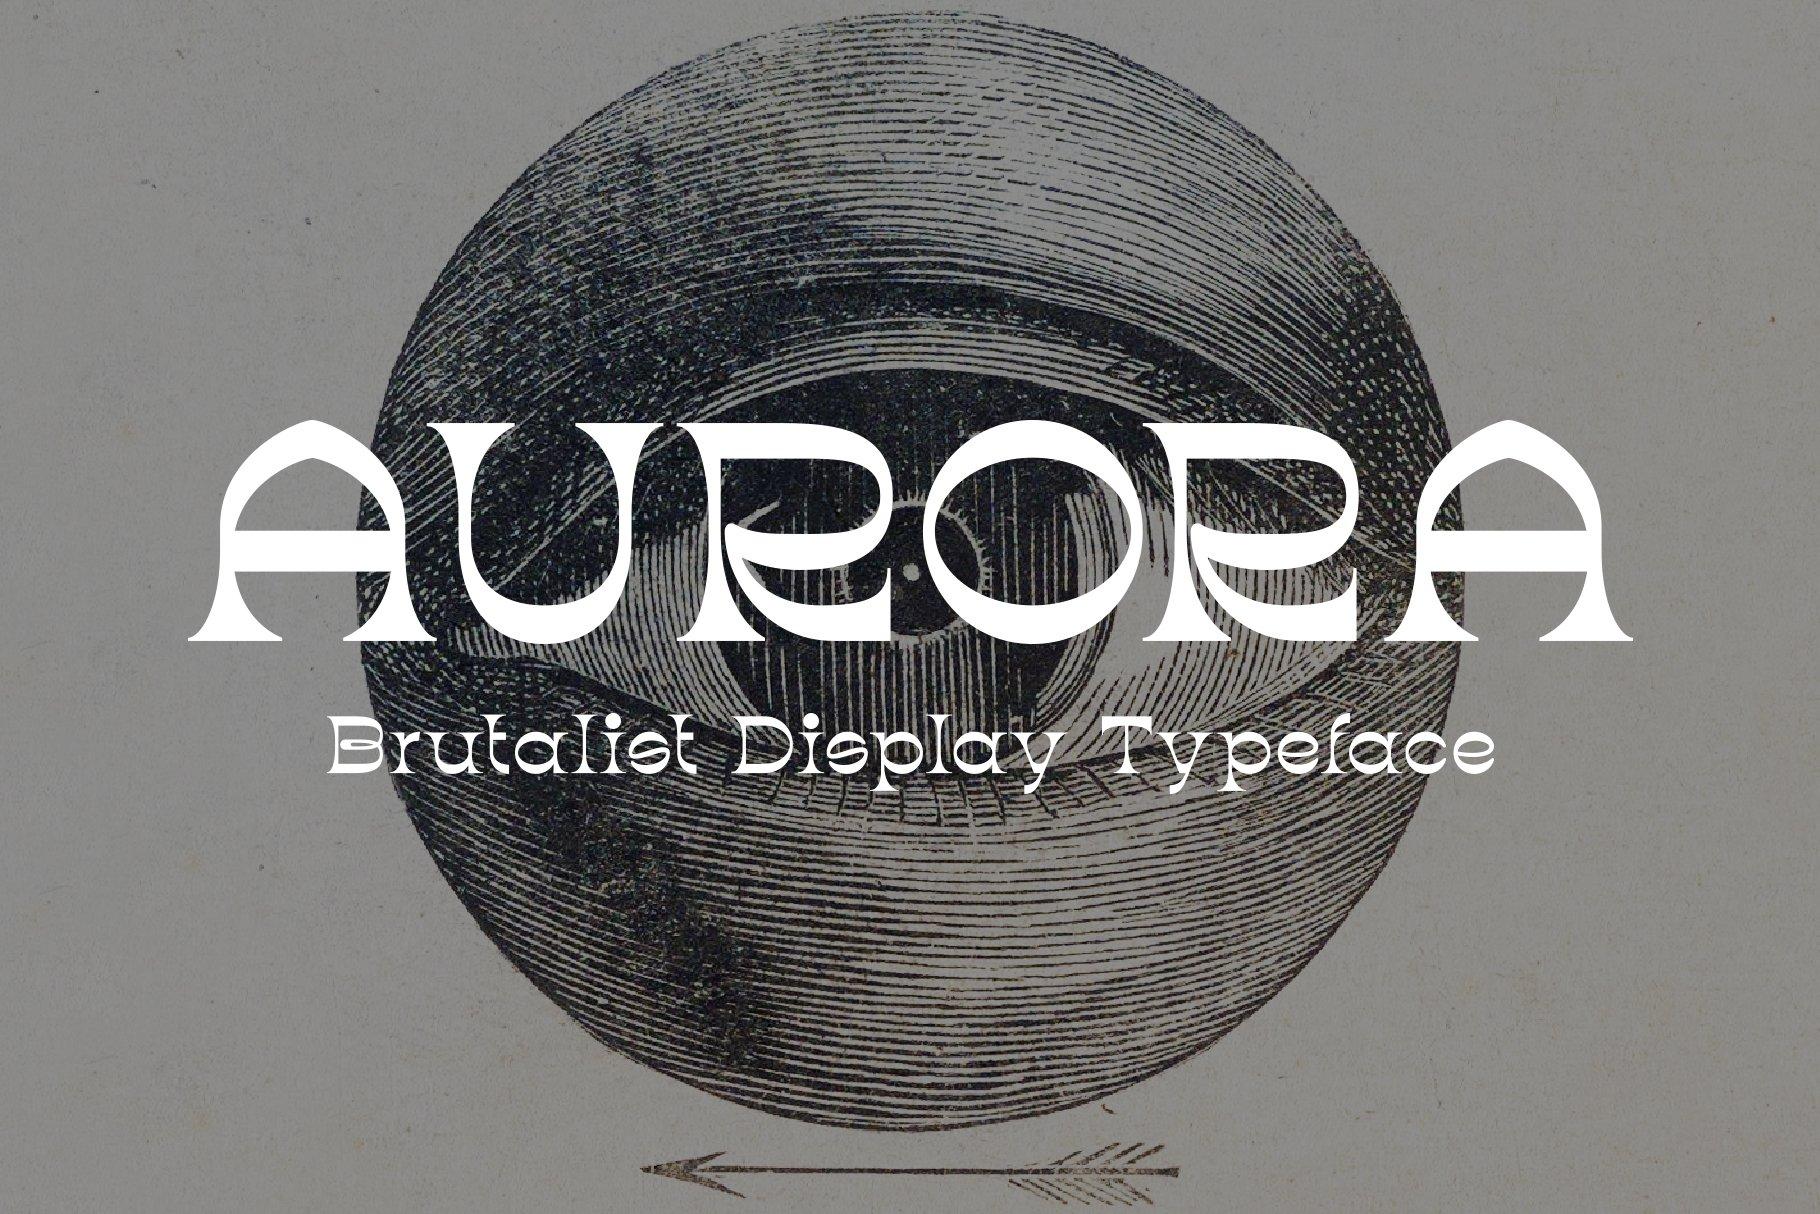 潮流复古酸性逆反差标题徽标Logo设计衬线英文字体素材 Aurora Font插图